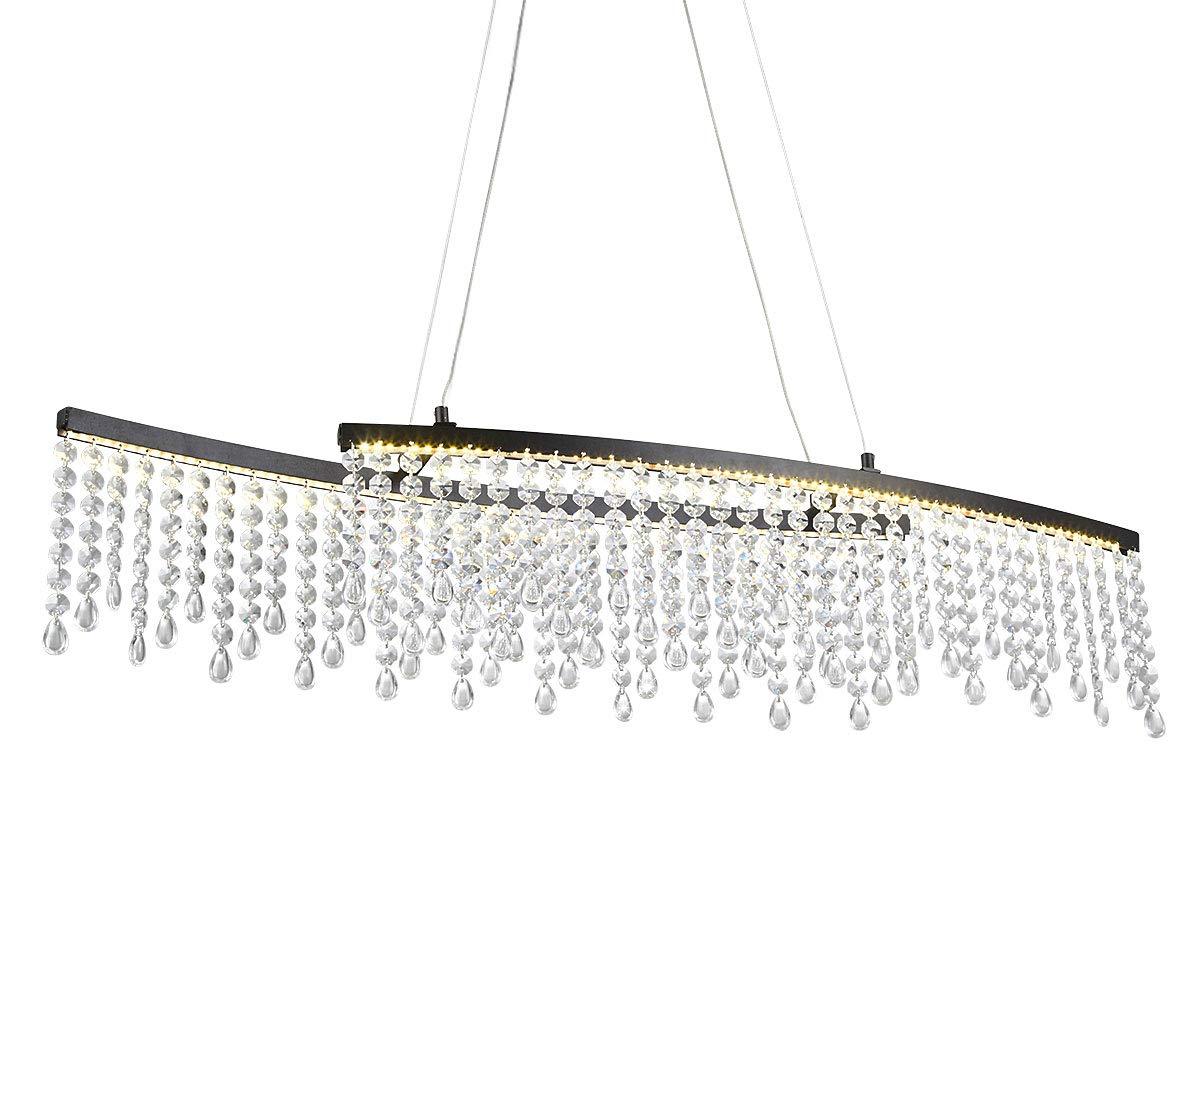 LED Design Glas Kristall Deckenleuchte Deckenlampe Hängeleuchte Pendelleuchte Pendelleuchte Pendelleuchte Lüster Kronleuchter 80 x 12,5cm 24W warm-weiß b589a8